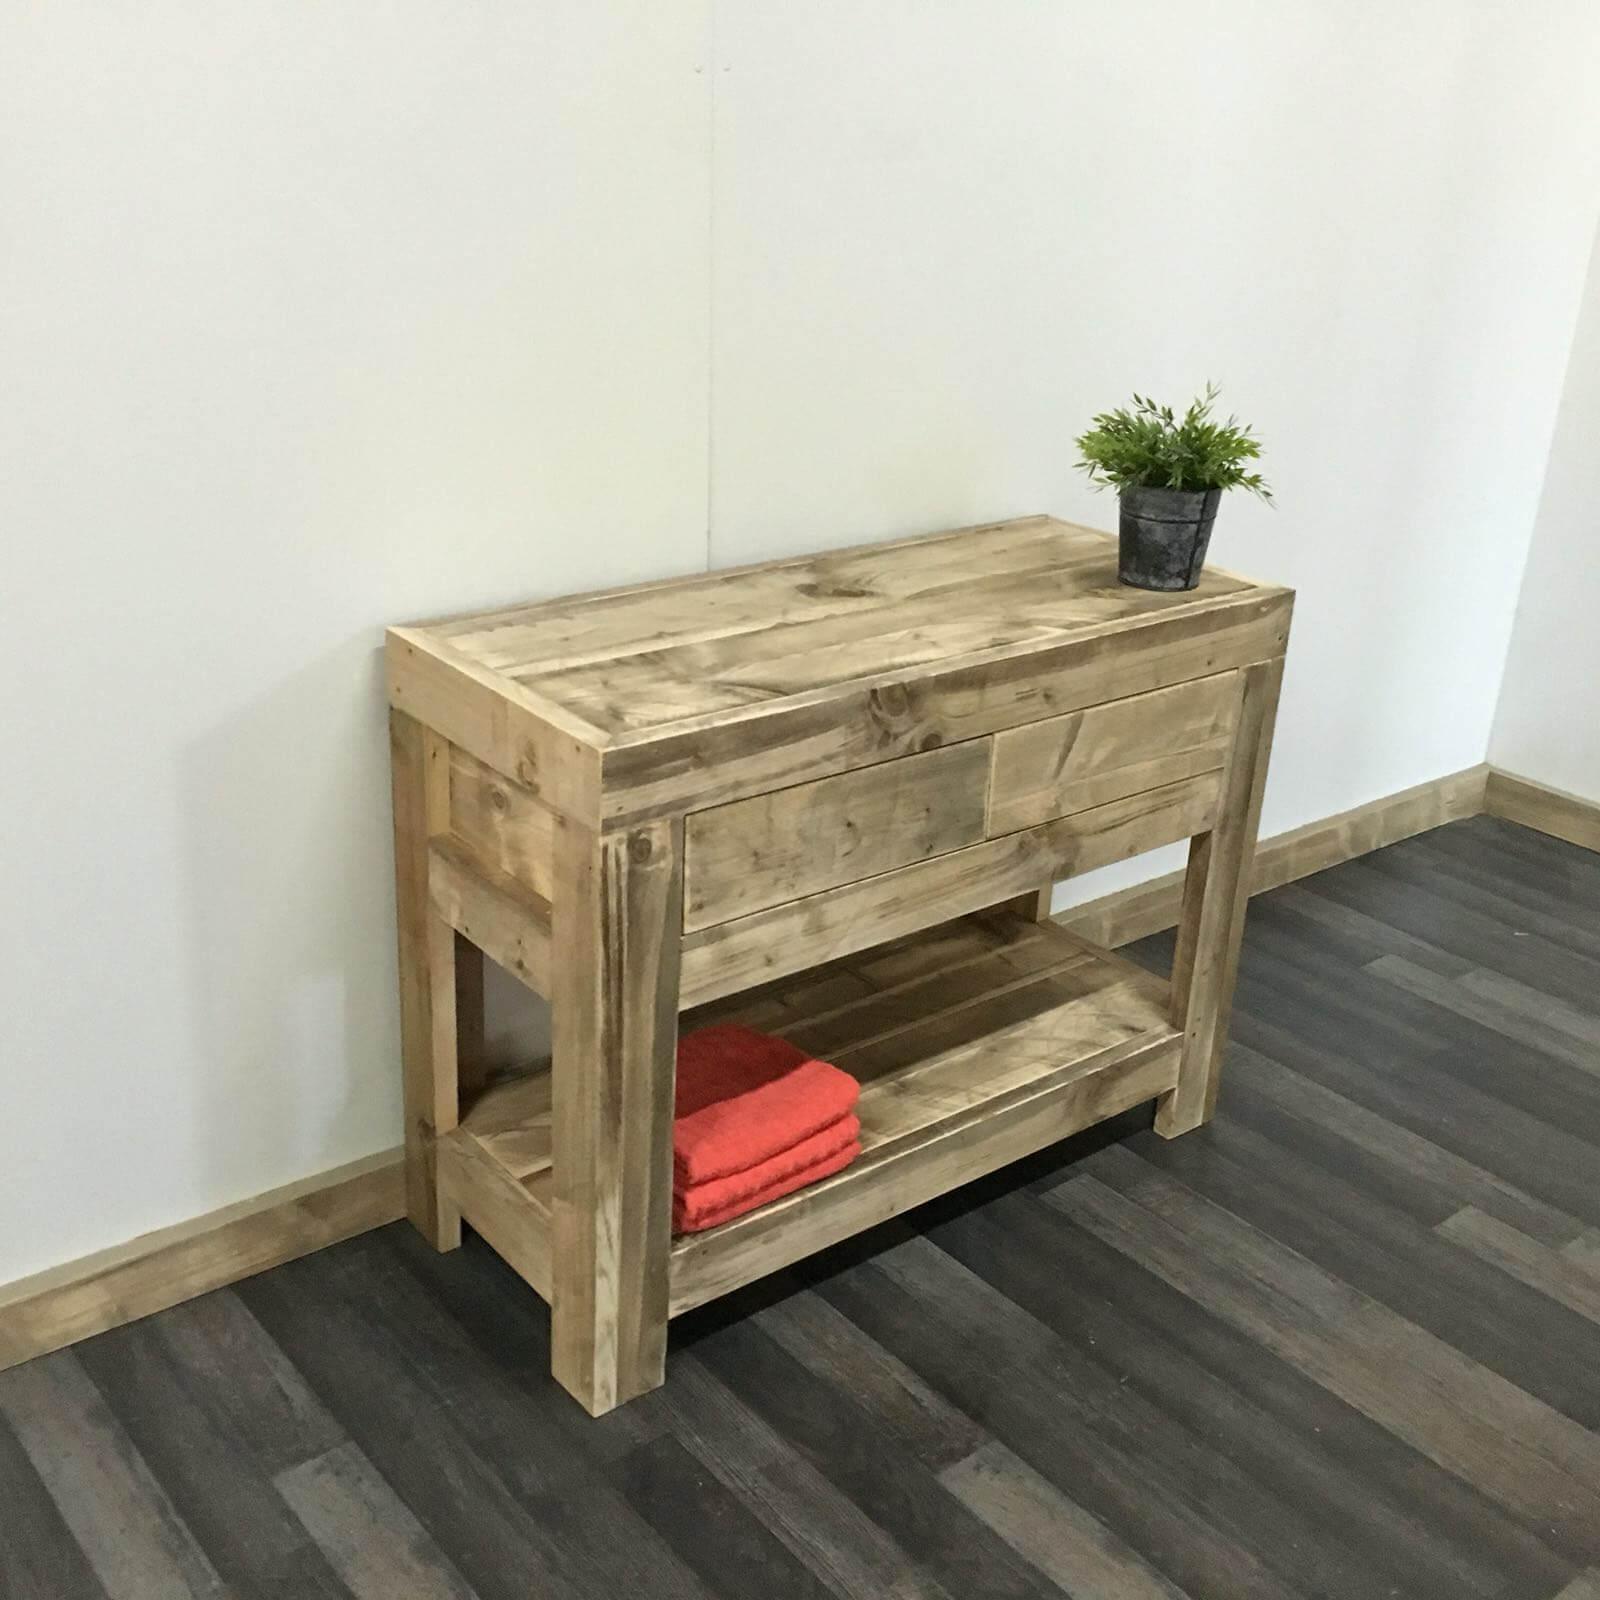 Badmeubel kvik badkamer ontwerp idee n voor uw huis samen met meubels die het - Outs badkamer m ...